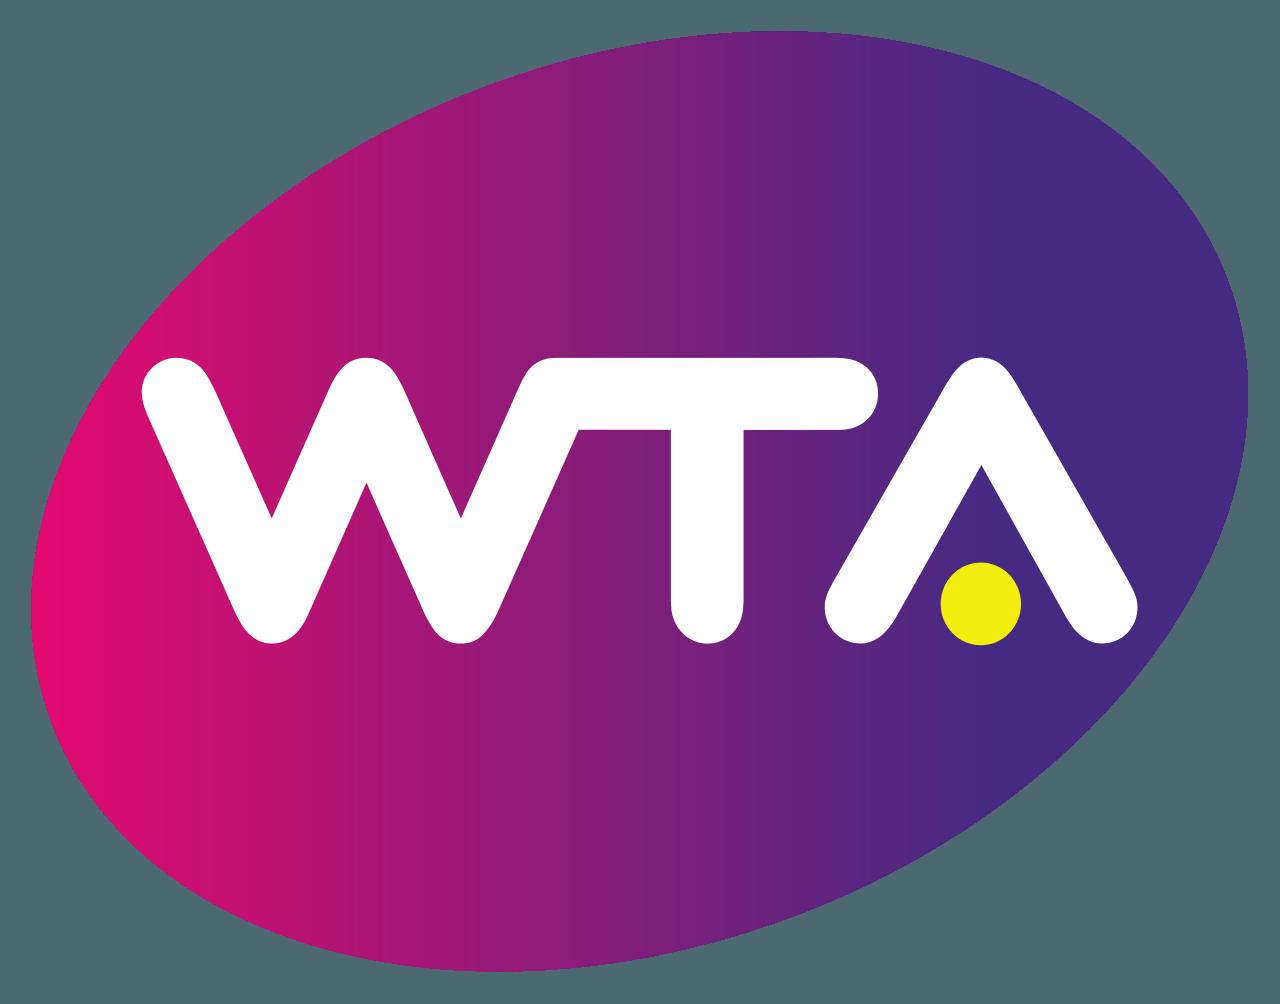 Ставки на WTA (турниры Женской теннисной ассоциации)